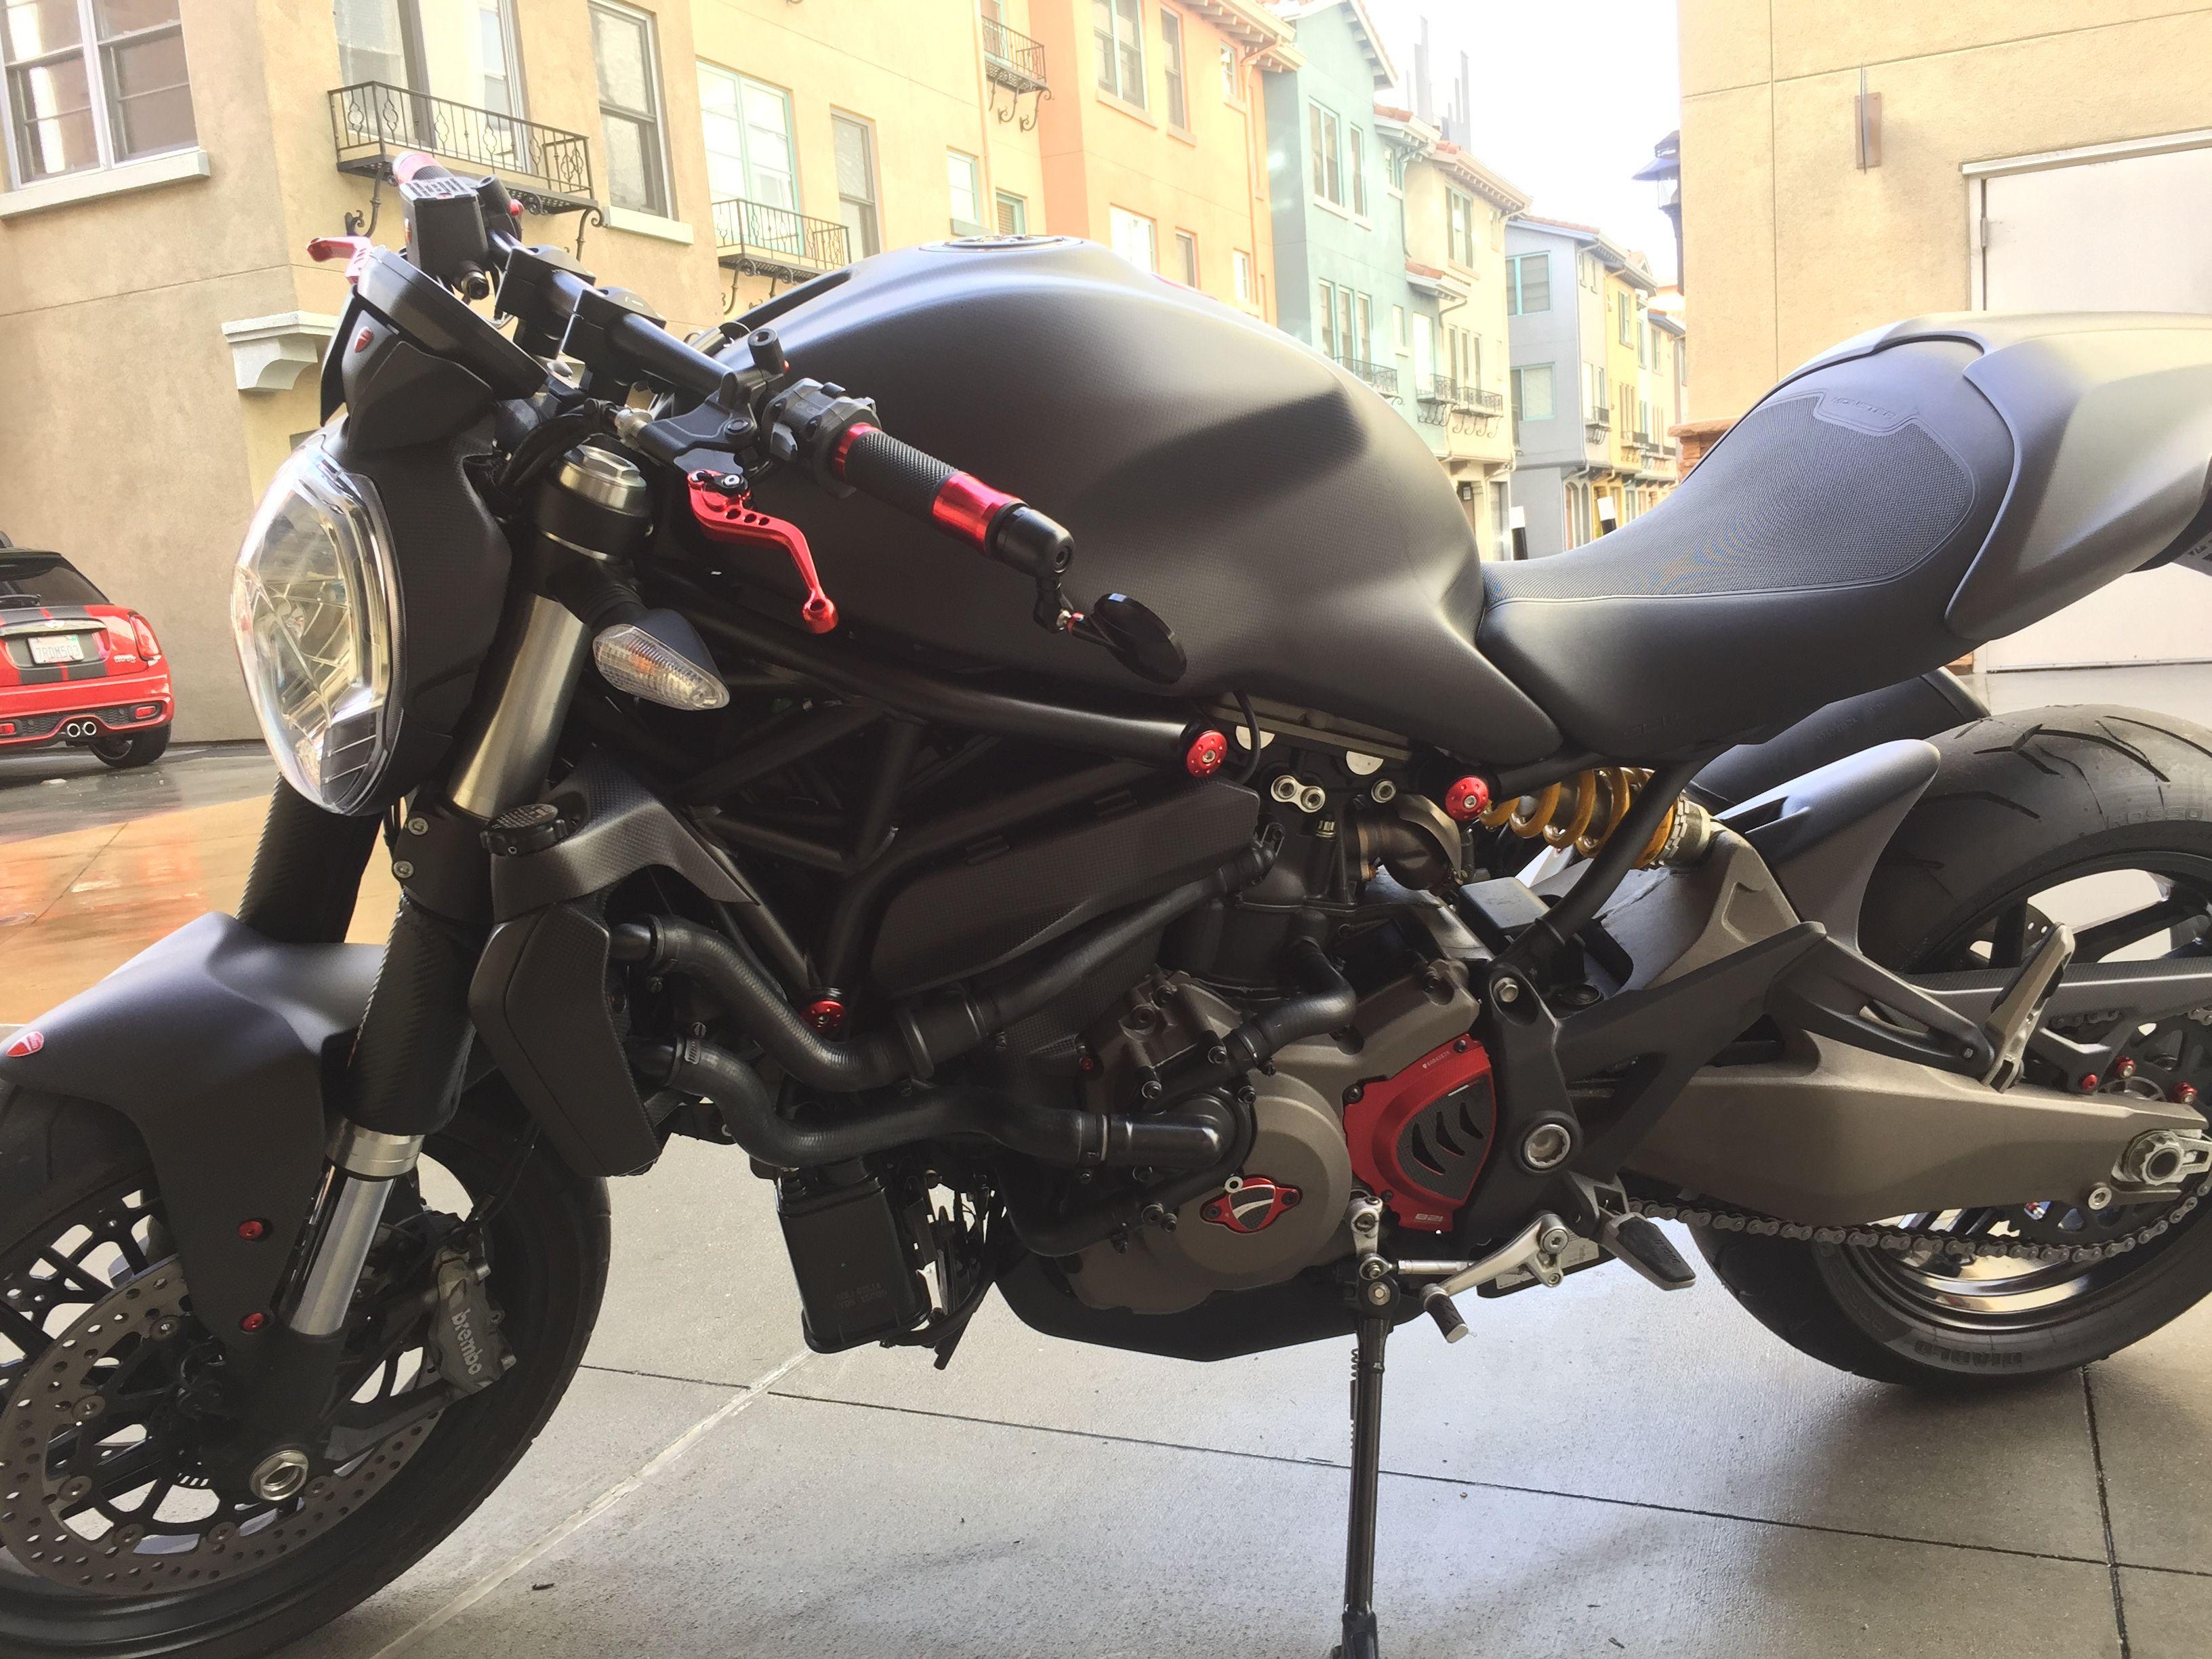 Left Side 2015 Ducati Monster 821 Dark Full Carbon Fiber Loaded Red